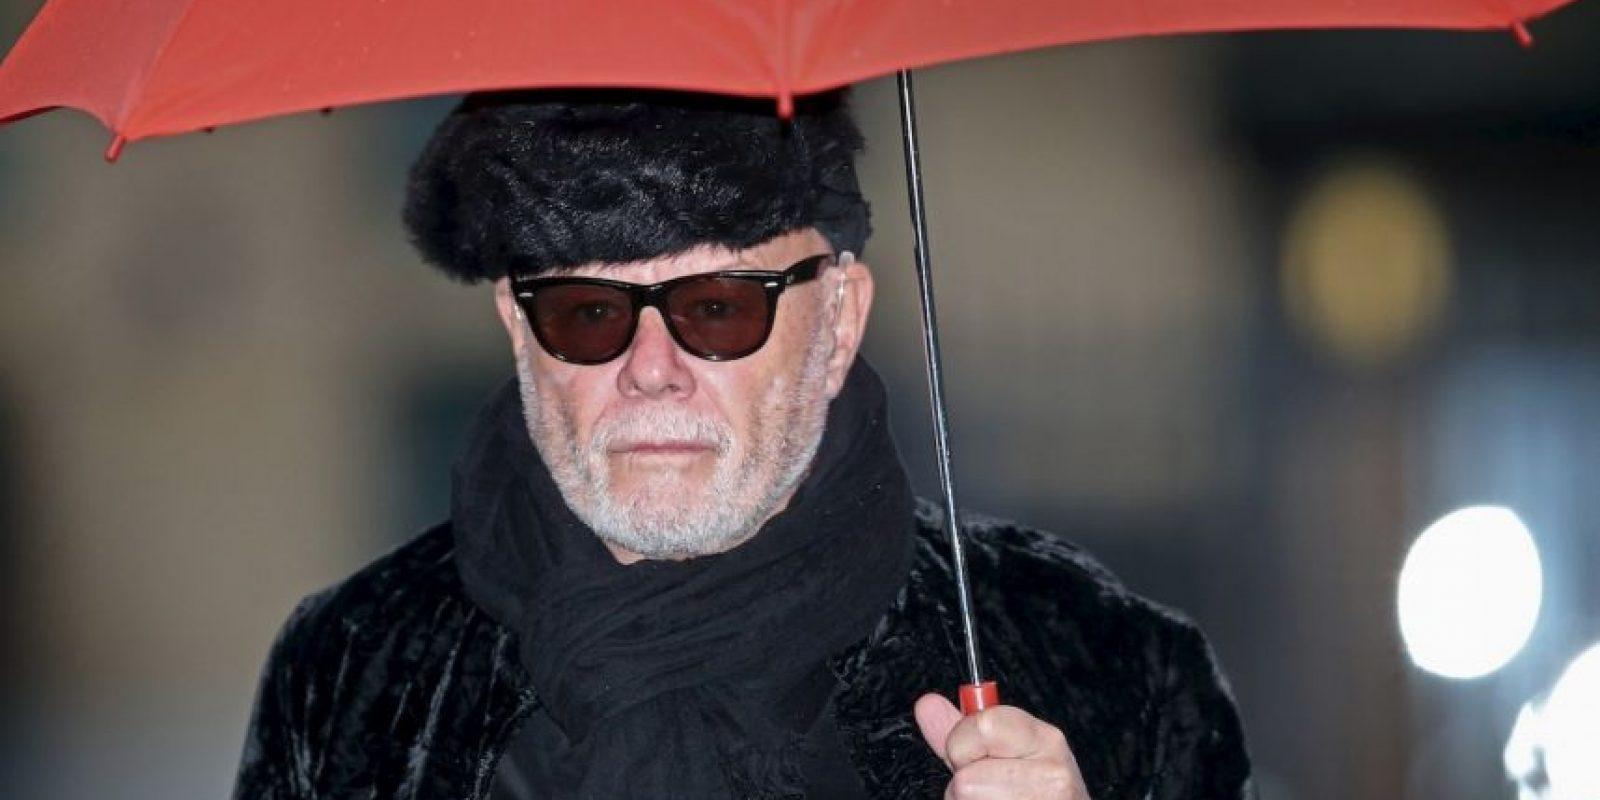 En su juicio se le comprobó intento de violación, cuatro casos de asalto indecente y de tener relaciones con una menor de 13 años. Foto:Getty Images